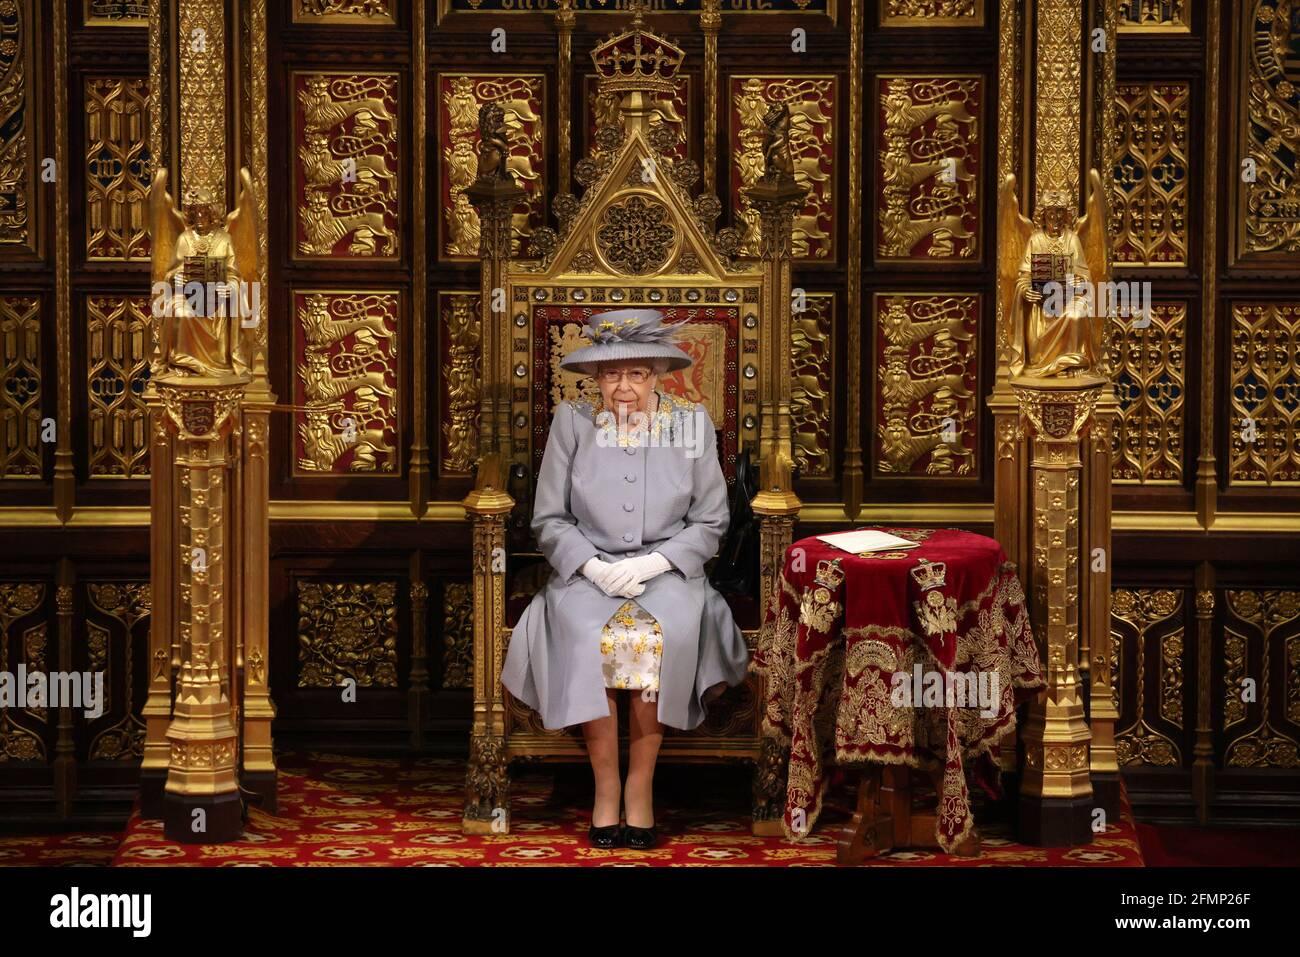 Königin Elizabeth II. Hält eine Rede vom Thron im House of Lords im Palace of Westminster in London, während sie das Legislativprogramm der Regierung für die kommende Sitzung während der Eröffnung des Parlaments umreißt. Bilddatum: Dienstag, 11. Mai 2021. Stockfoto